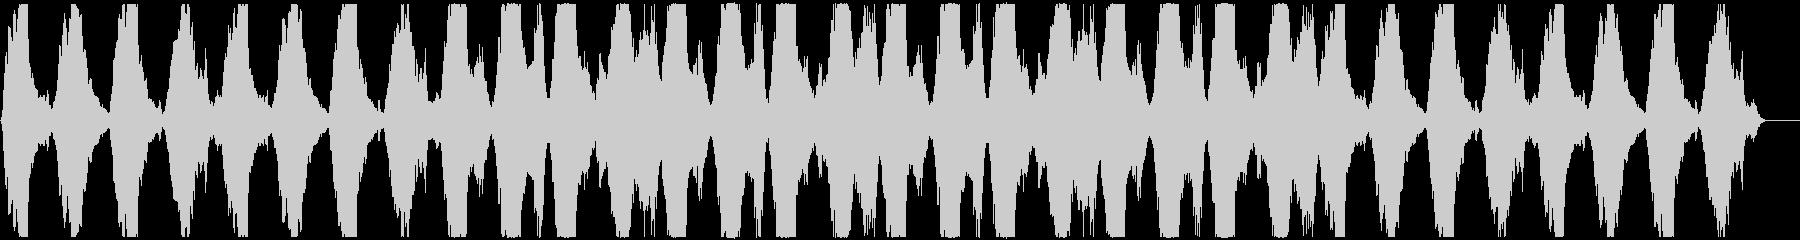 切なく寂しいストリングスBGMの未再生の波形